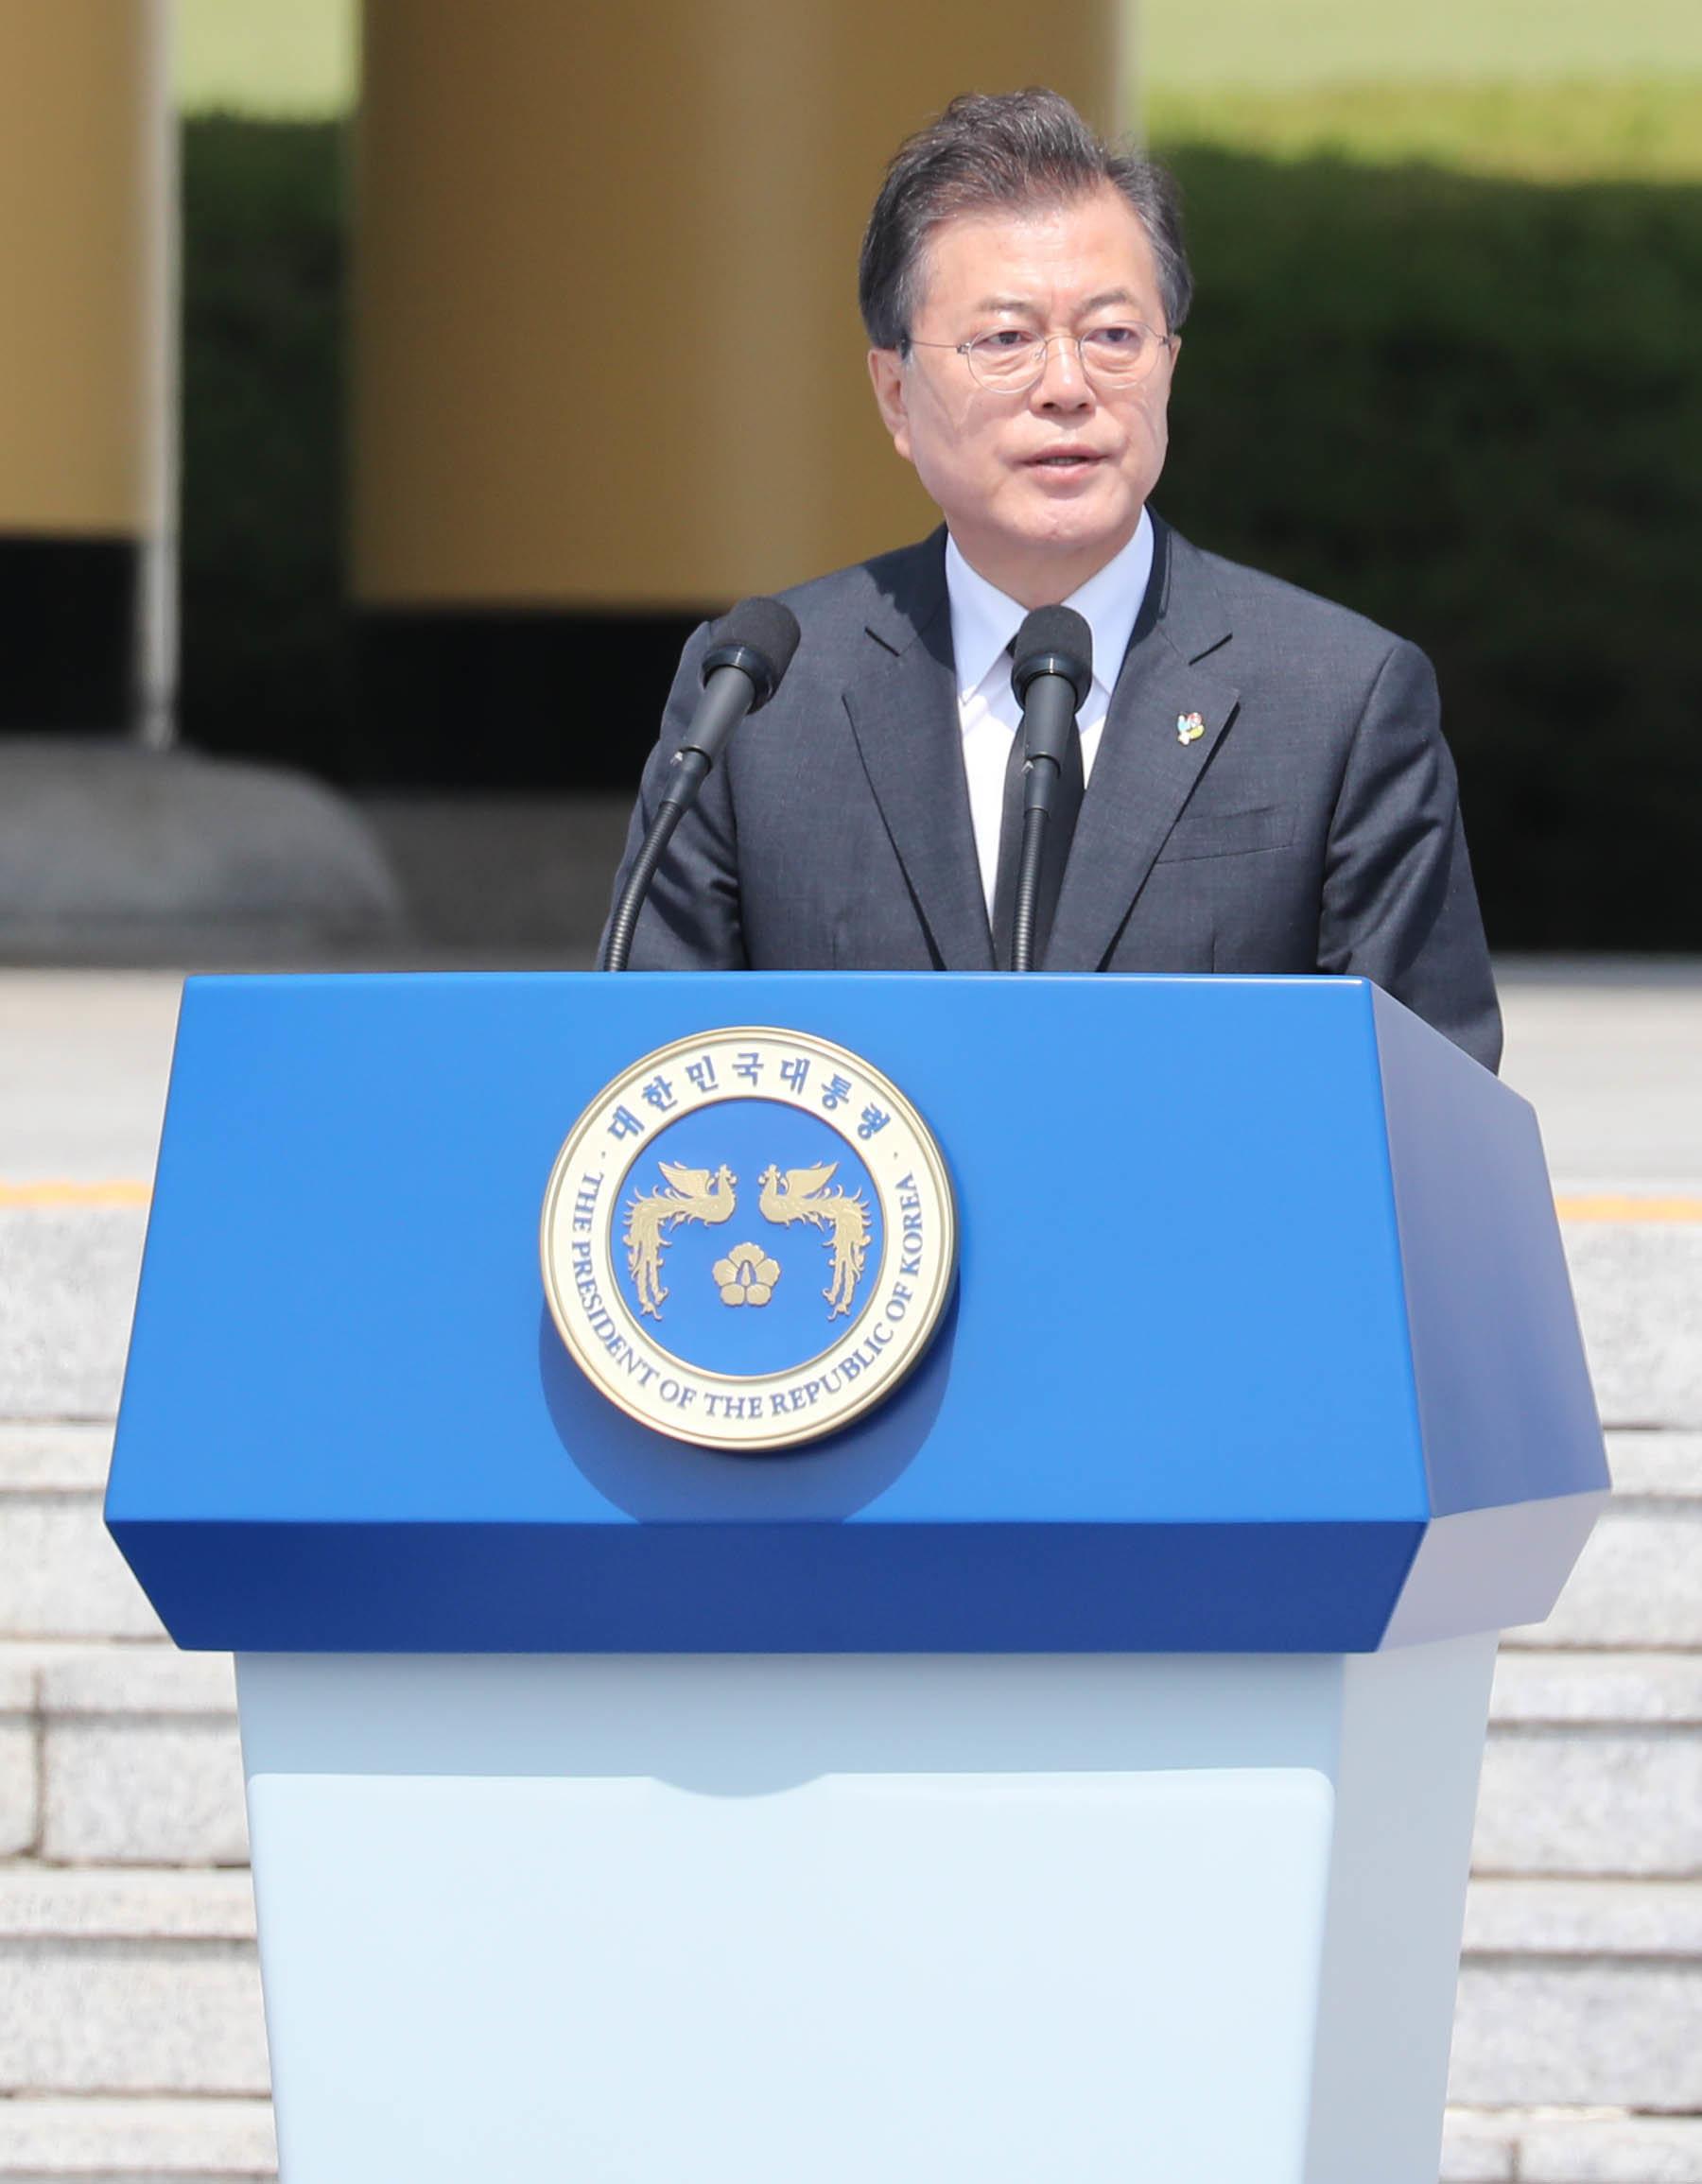 문재인 대통령 현충일 첫 일정은 '무연고 묘지' 참배였다(추념사